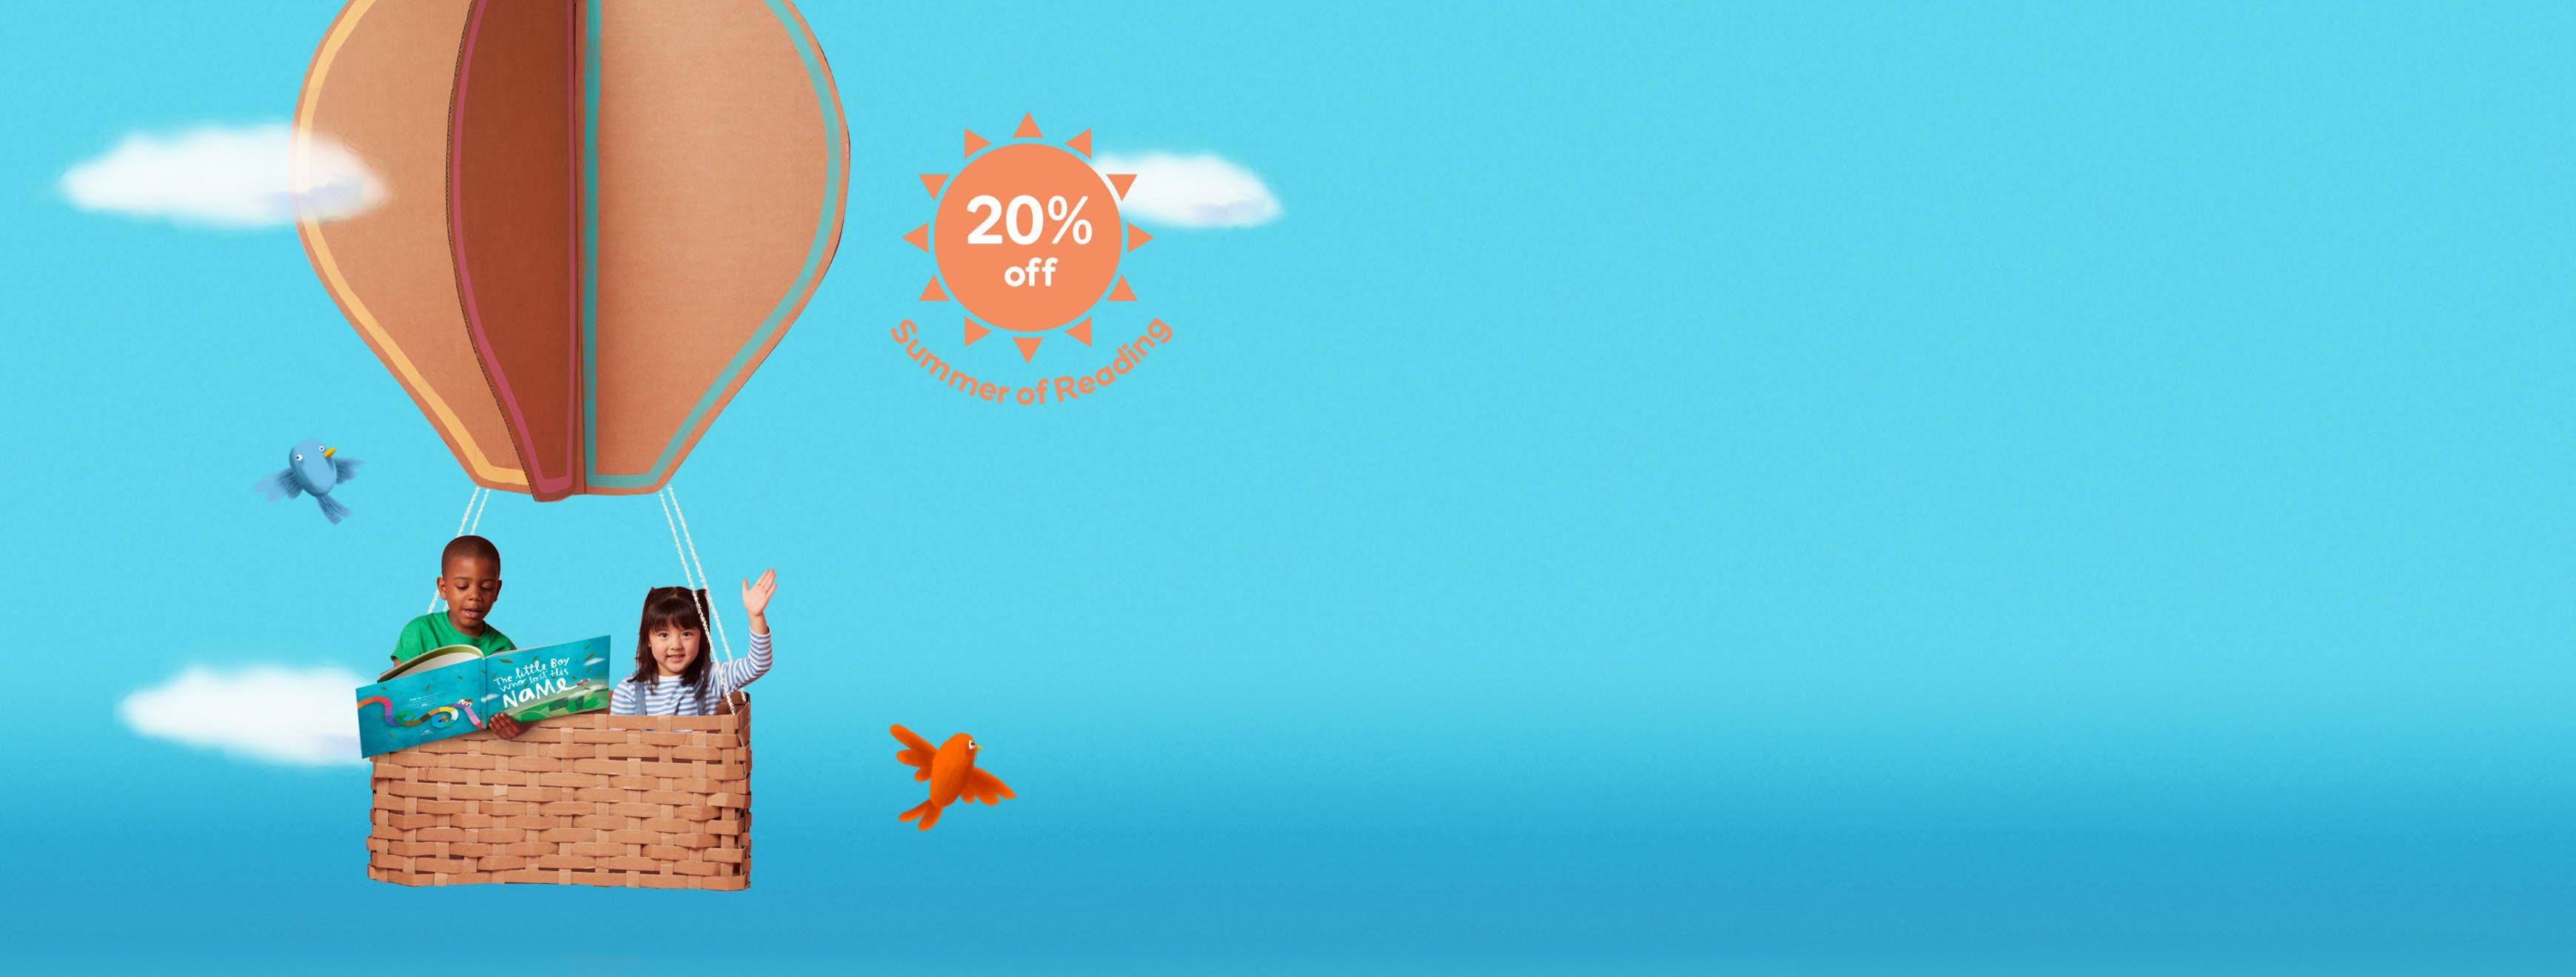 JUNE_TRADE_Offers_Page_Mobile_Desktop_Left